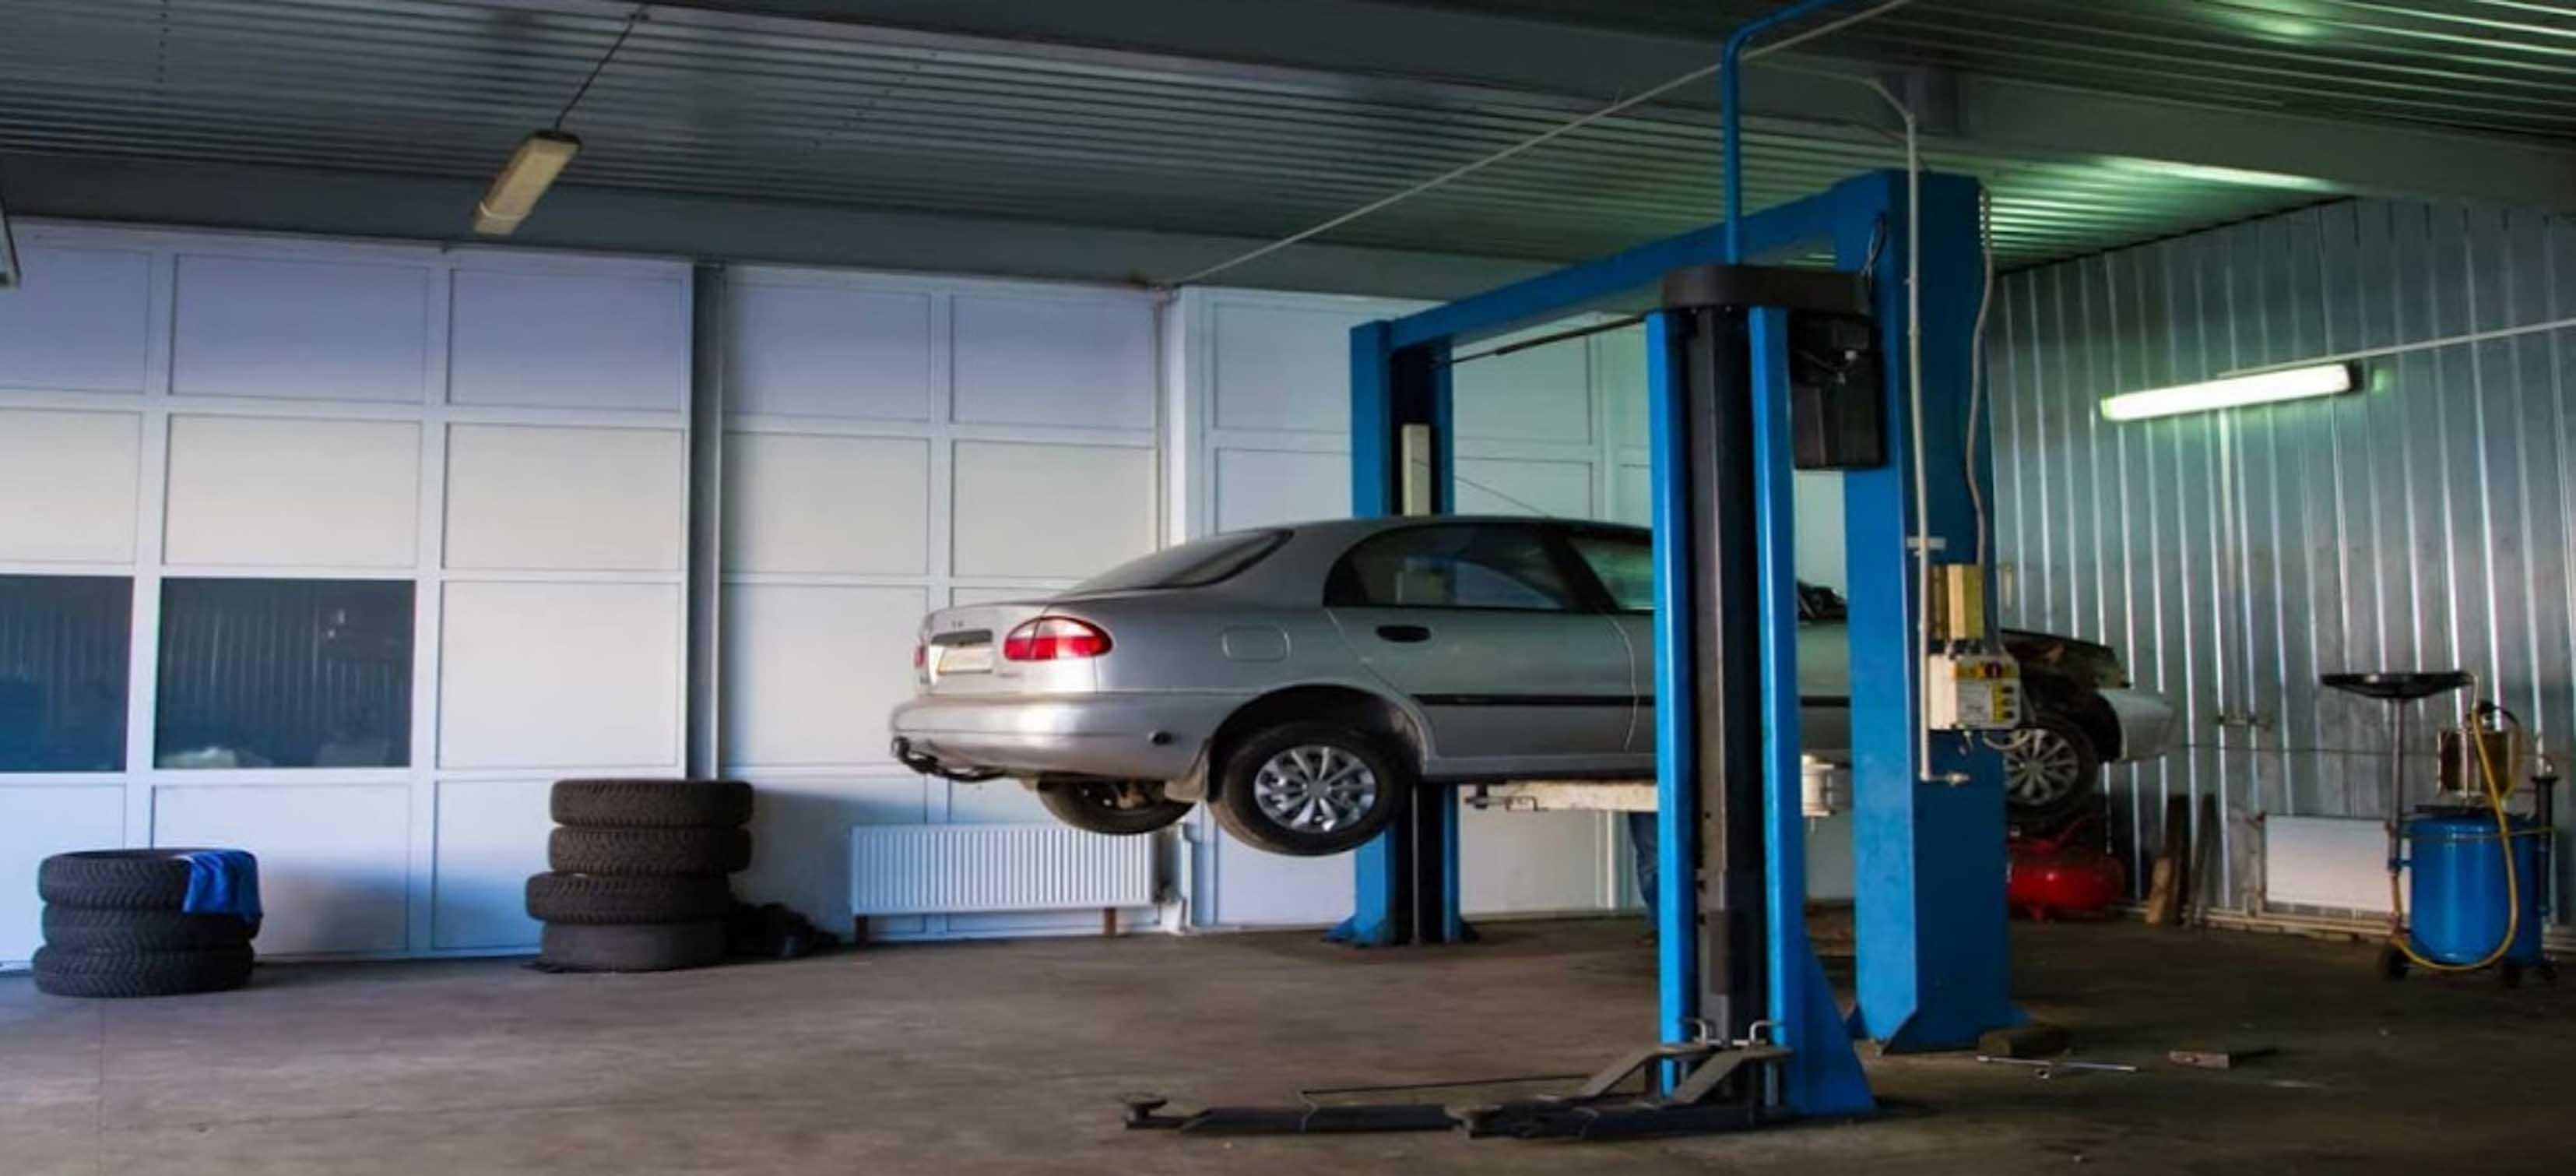 СТО «Автоцентр» - комплексное обслуживание и ремонт автомобилей фото 4